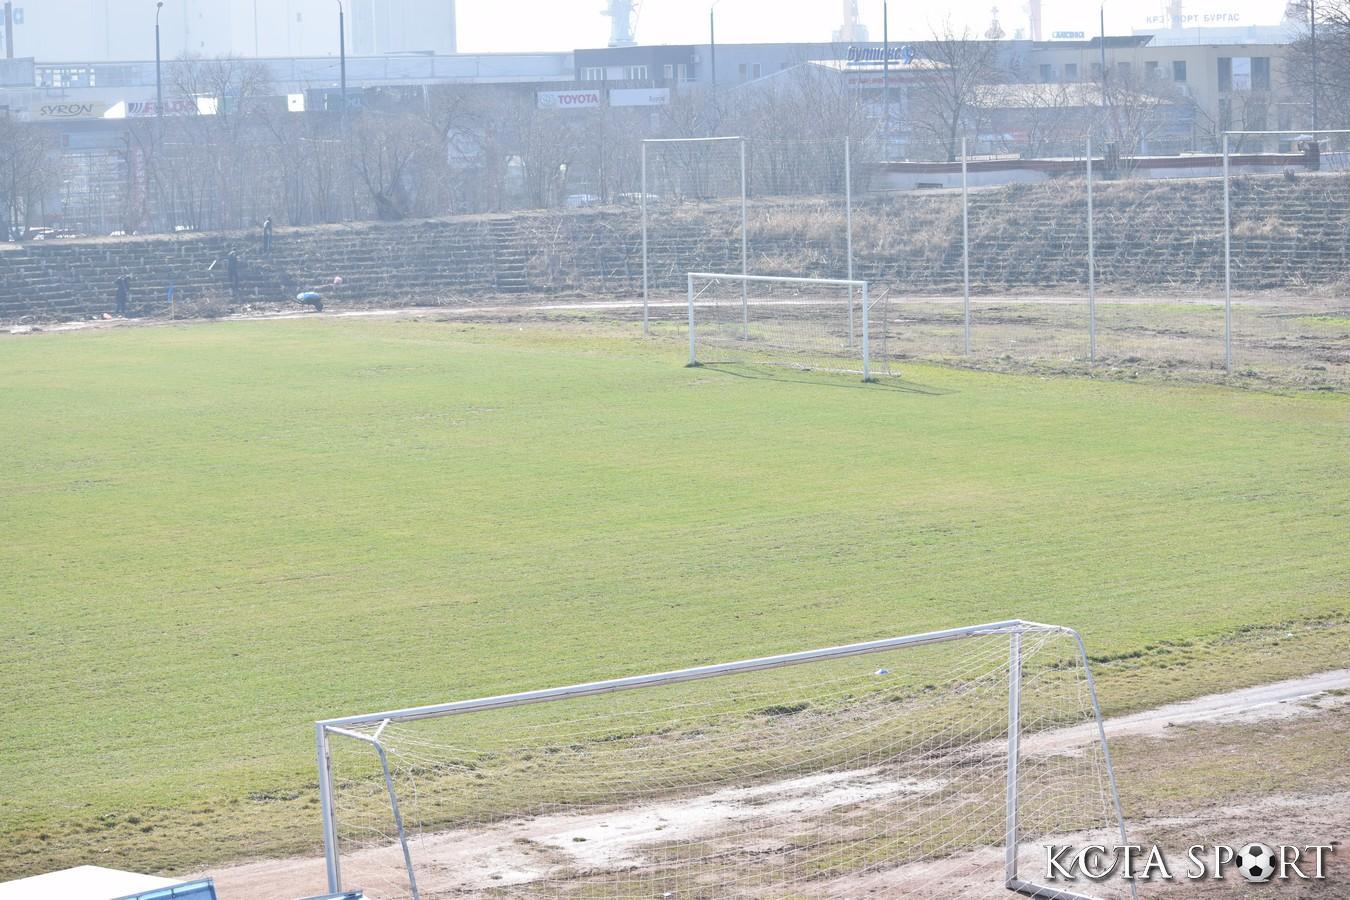 stadion chernomoretz 18